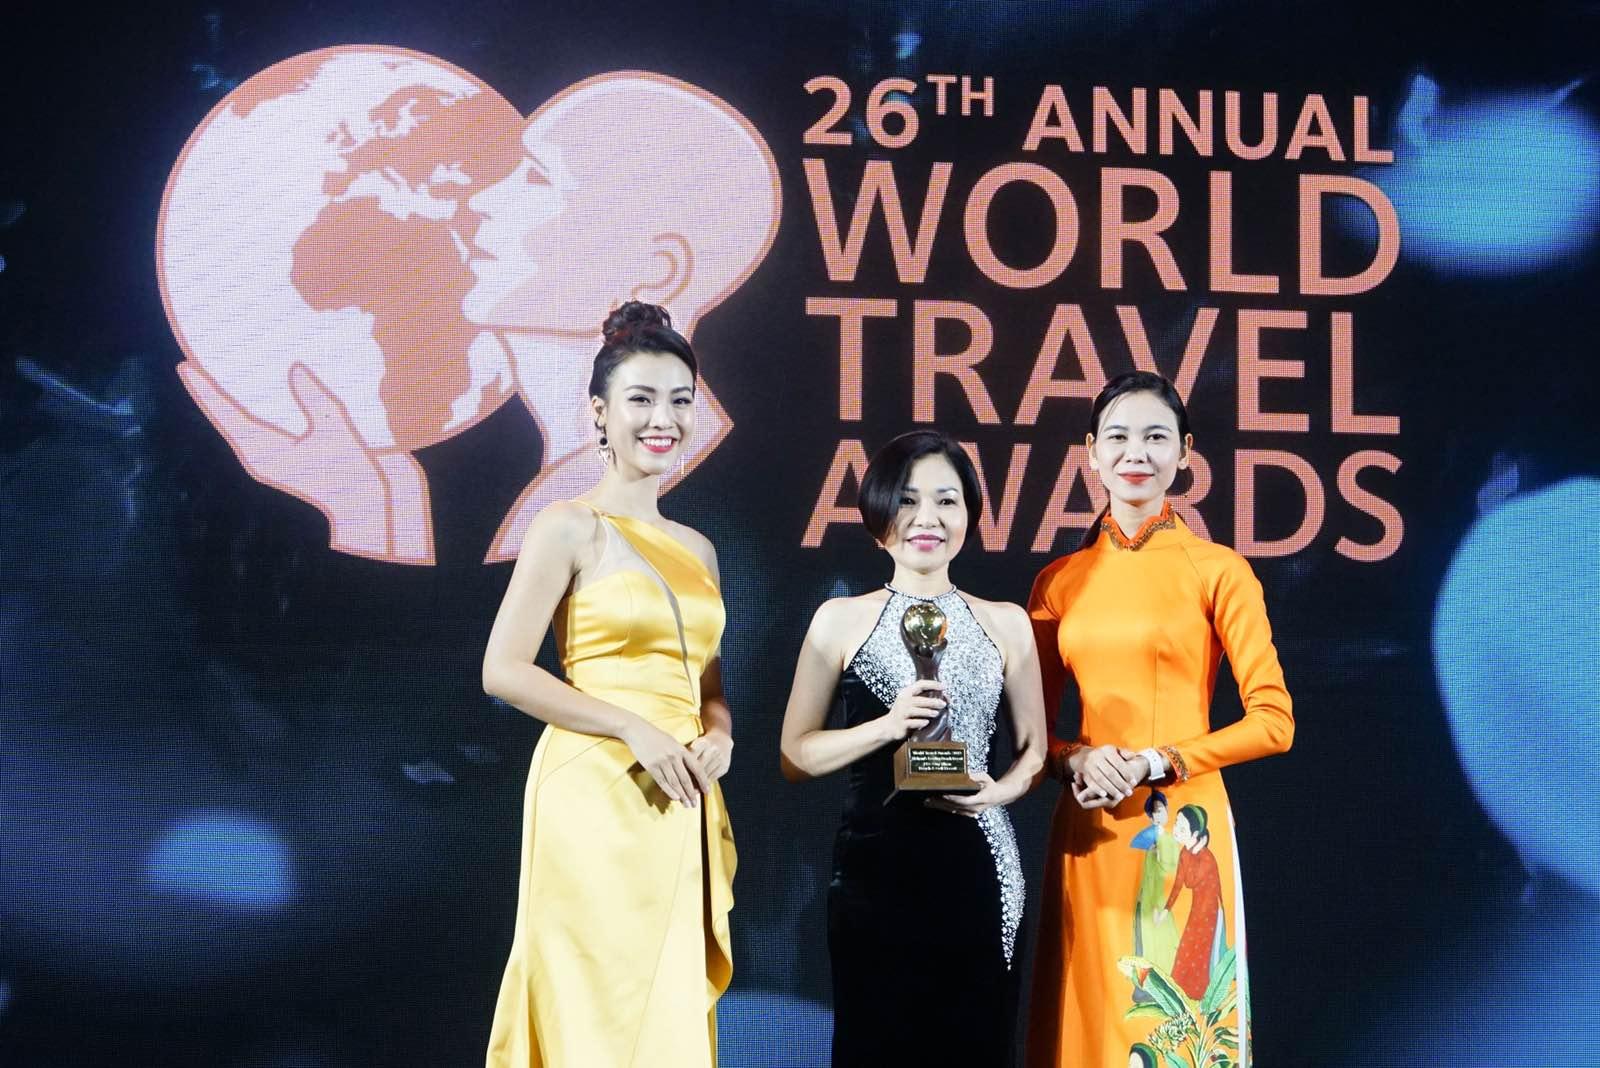 Hệ thống nghỉ dưỡng của tập đoàn FLC giành cú đúp tại World Travel Awards 2019  - Ảnh 2